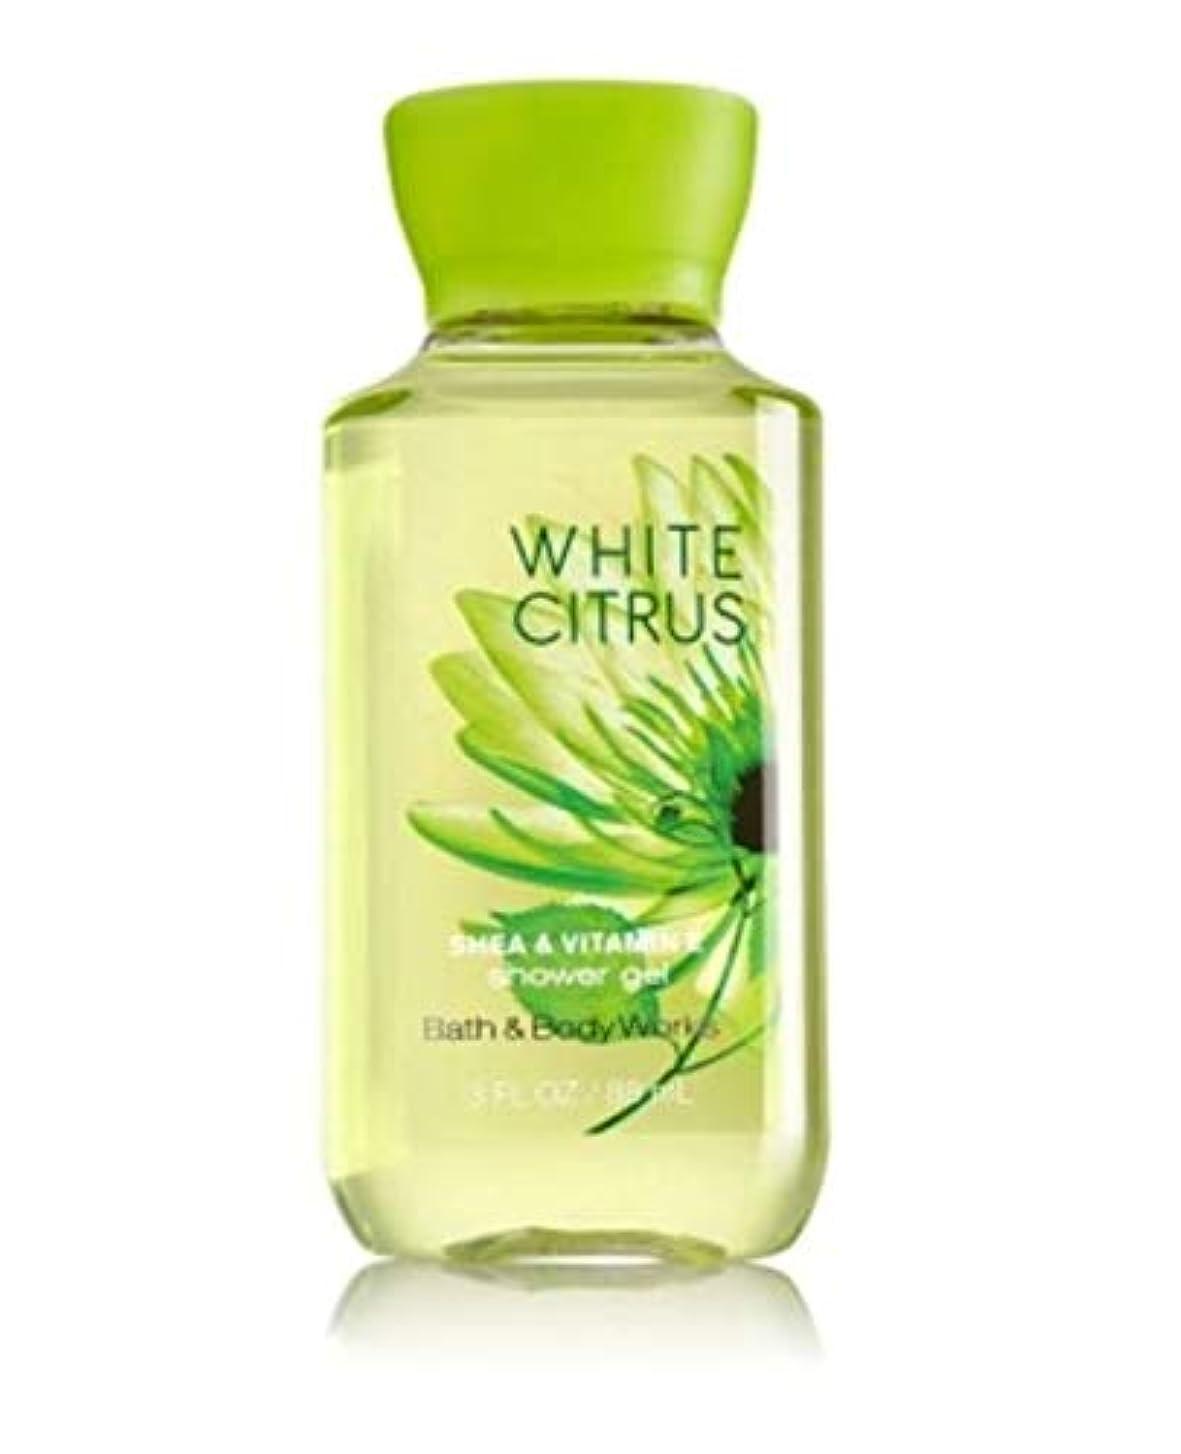 石鹸名前を作る議論するバス&ボディワークス ホワイトシトラス シャワージェル White Citrus トラベルサイズ [並行輸入品]